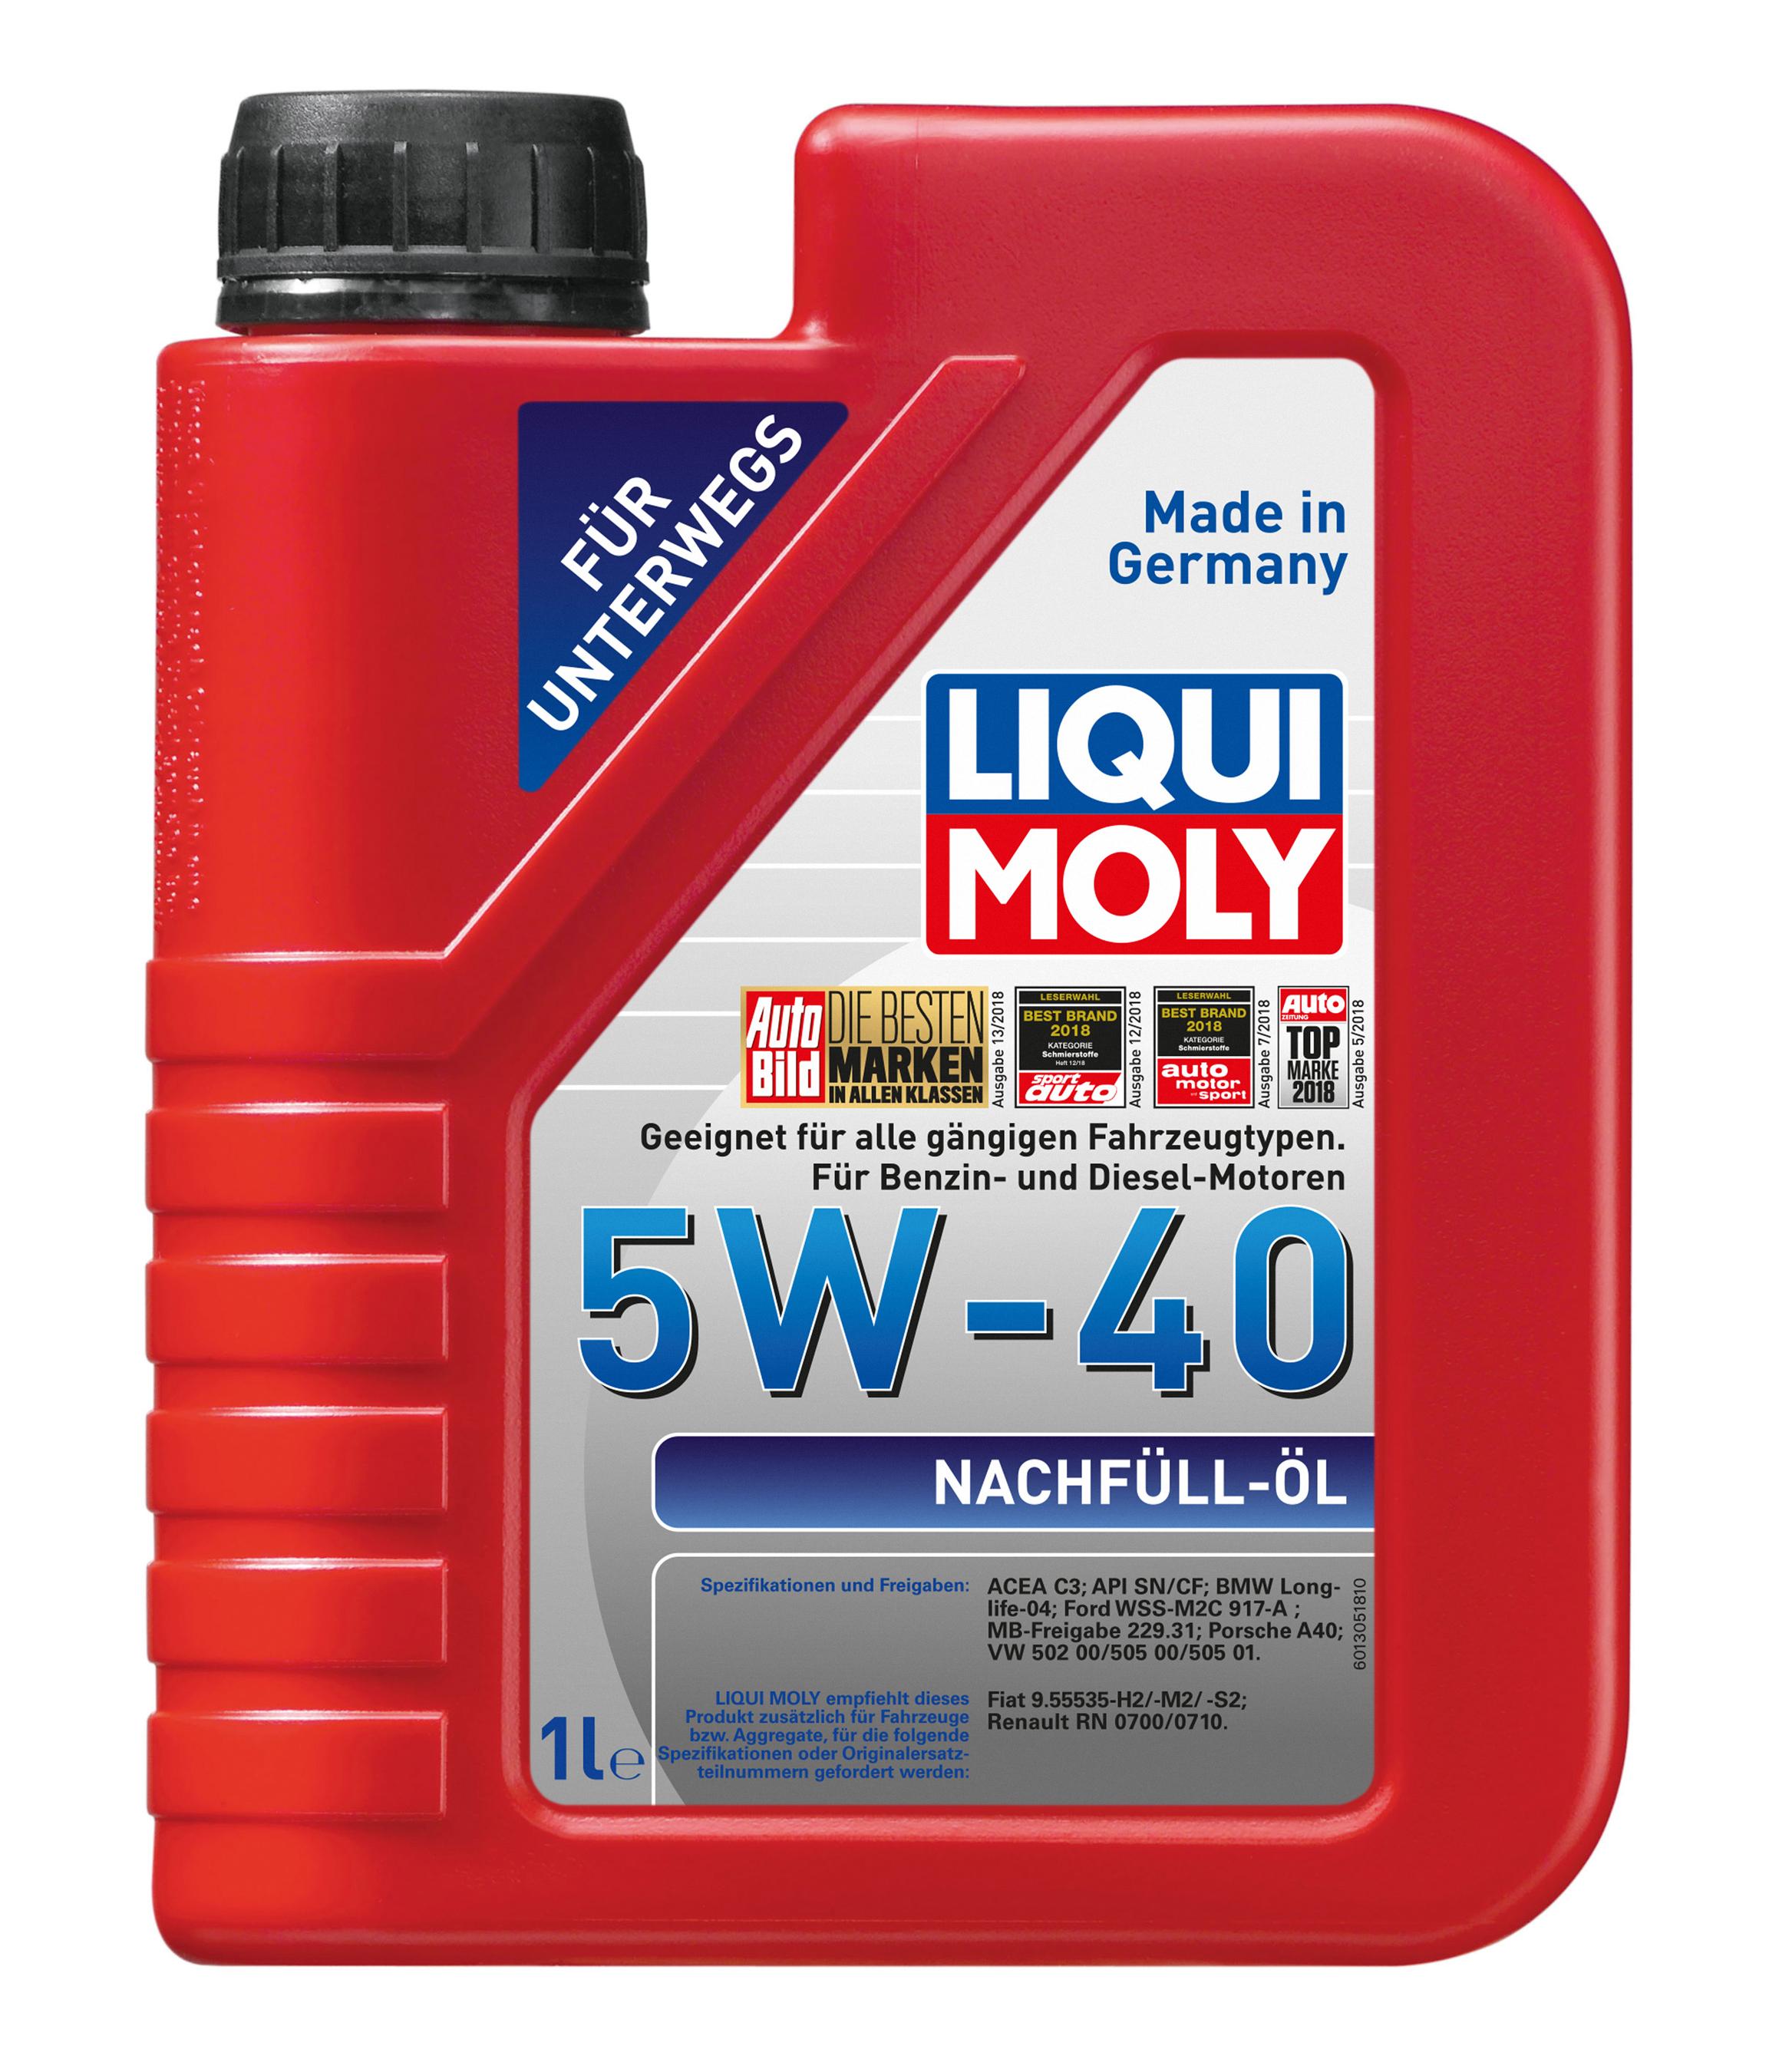 Liqui Moly Nachfüll-Öl 5W-40  1 liter Bild 1